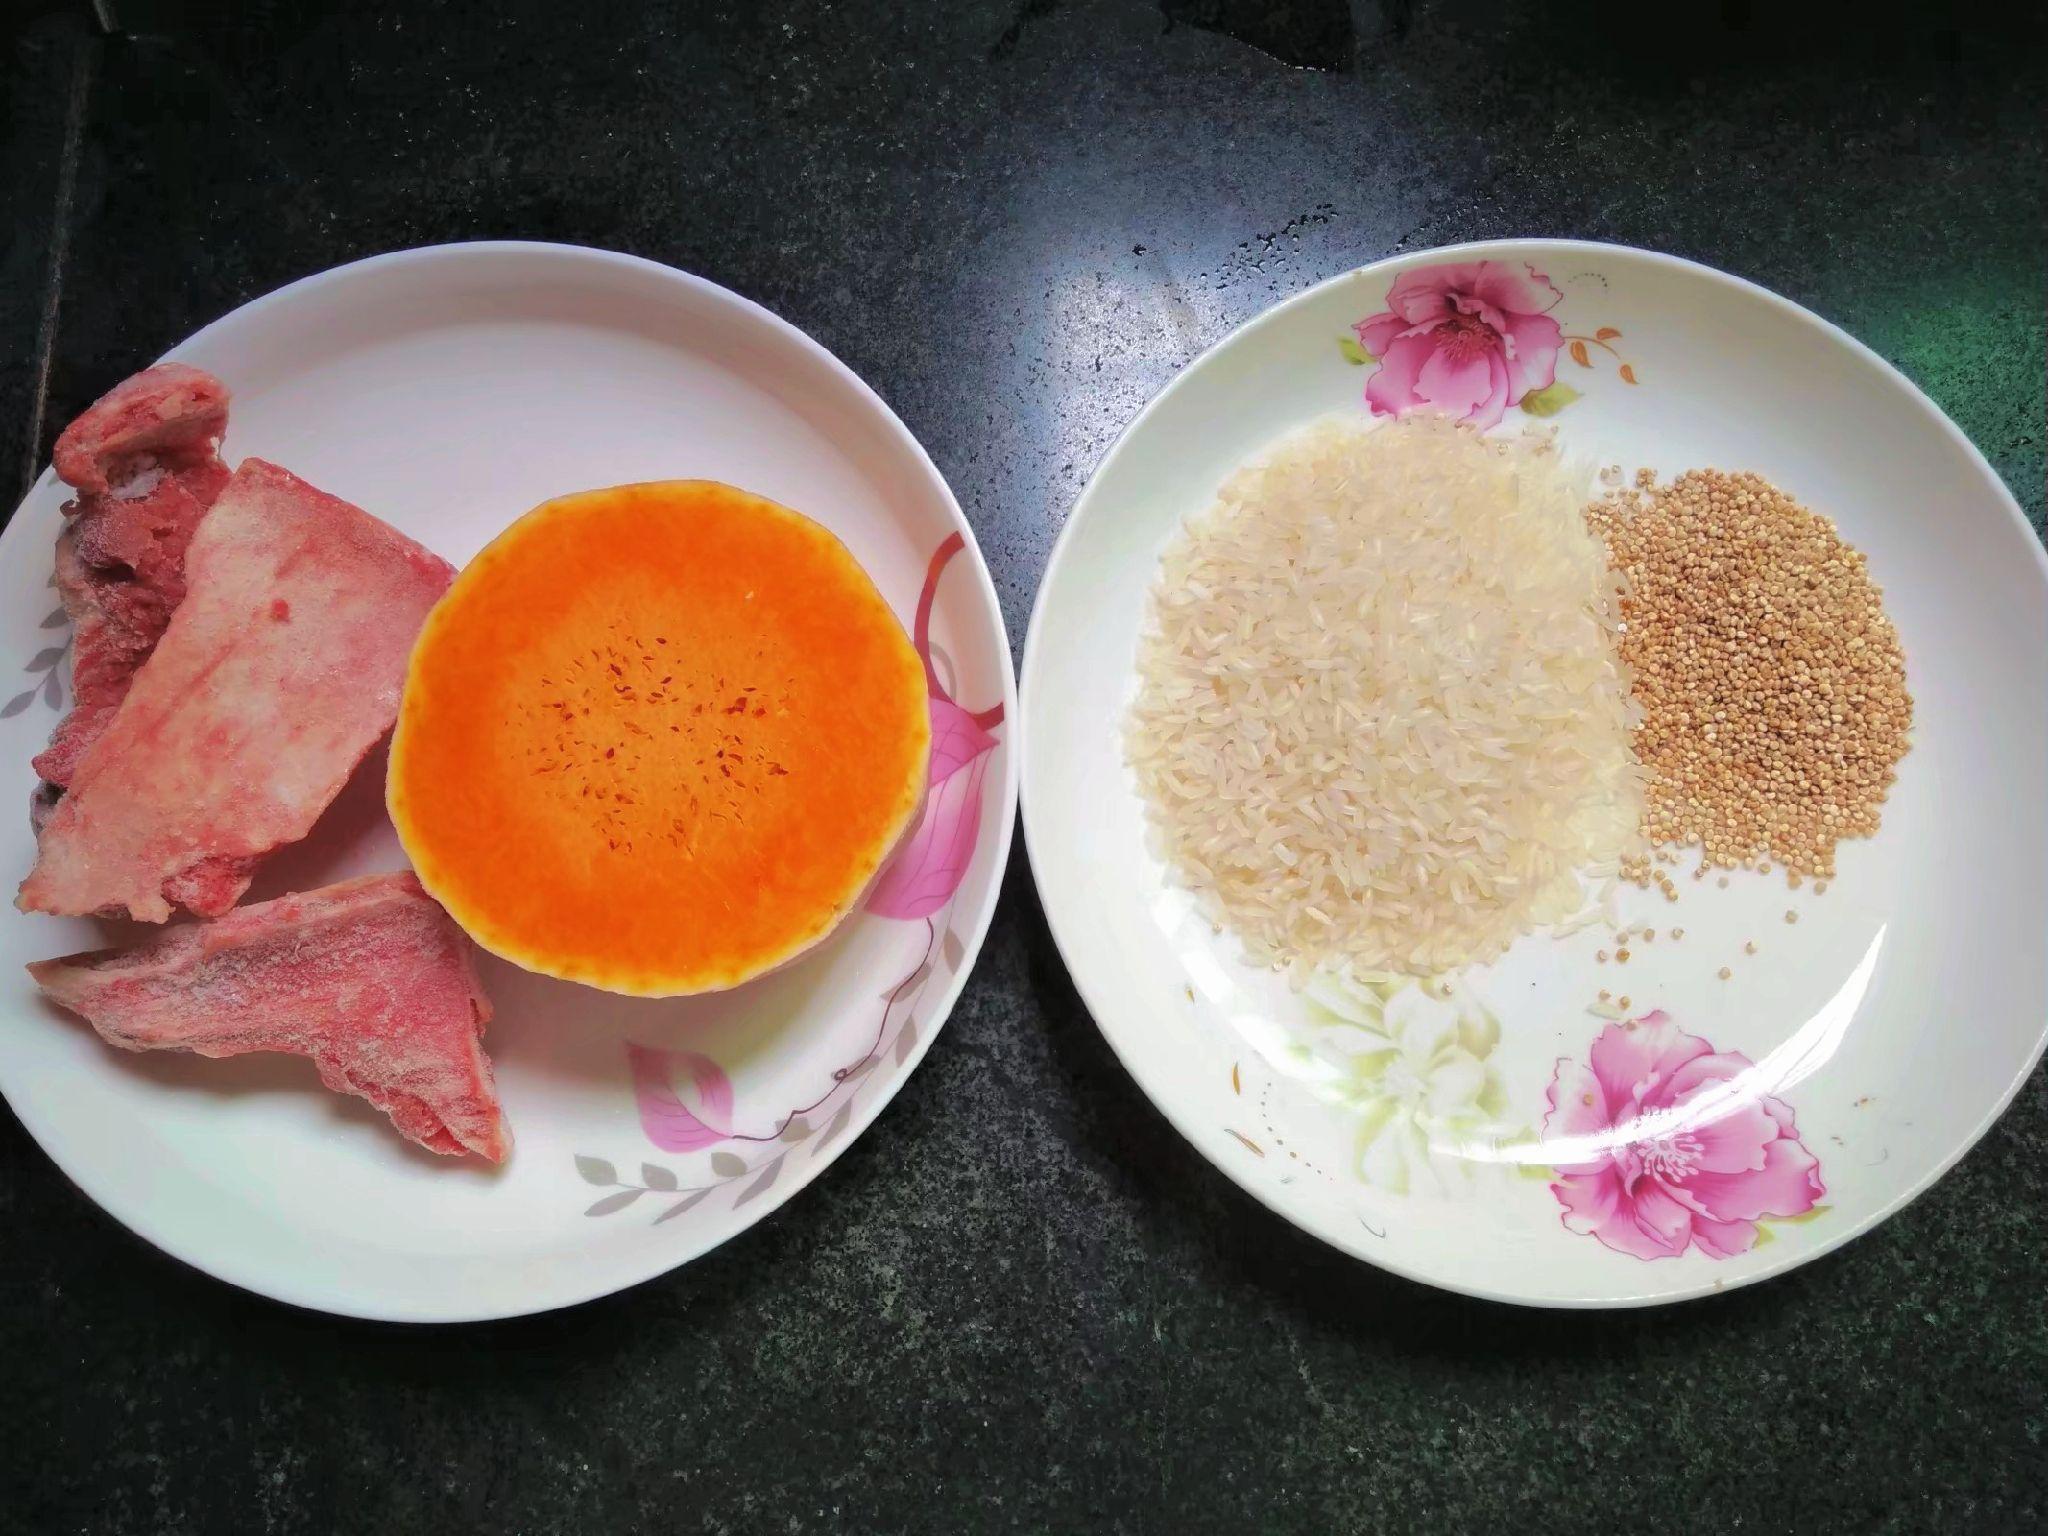 藜麦南瓜大米粥的做法大全